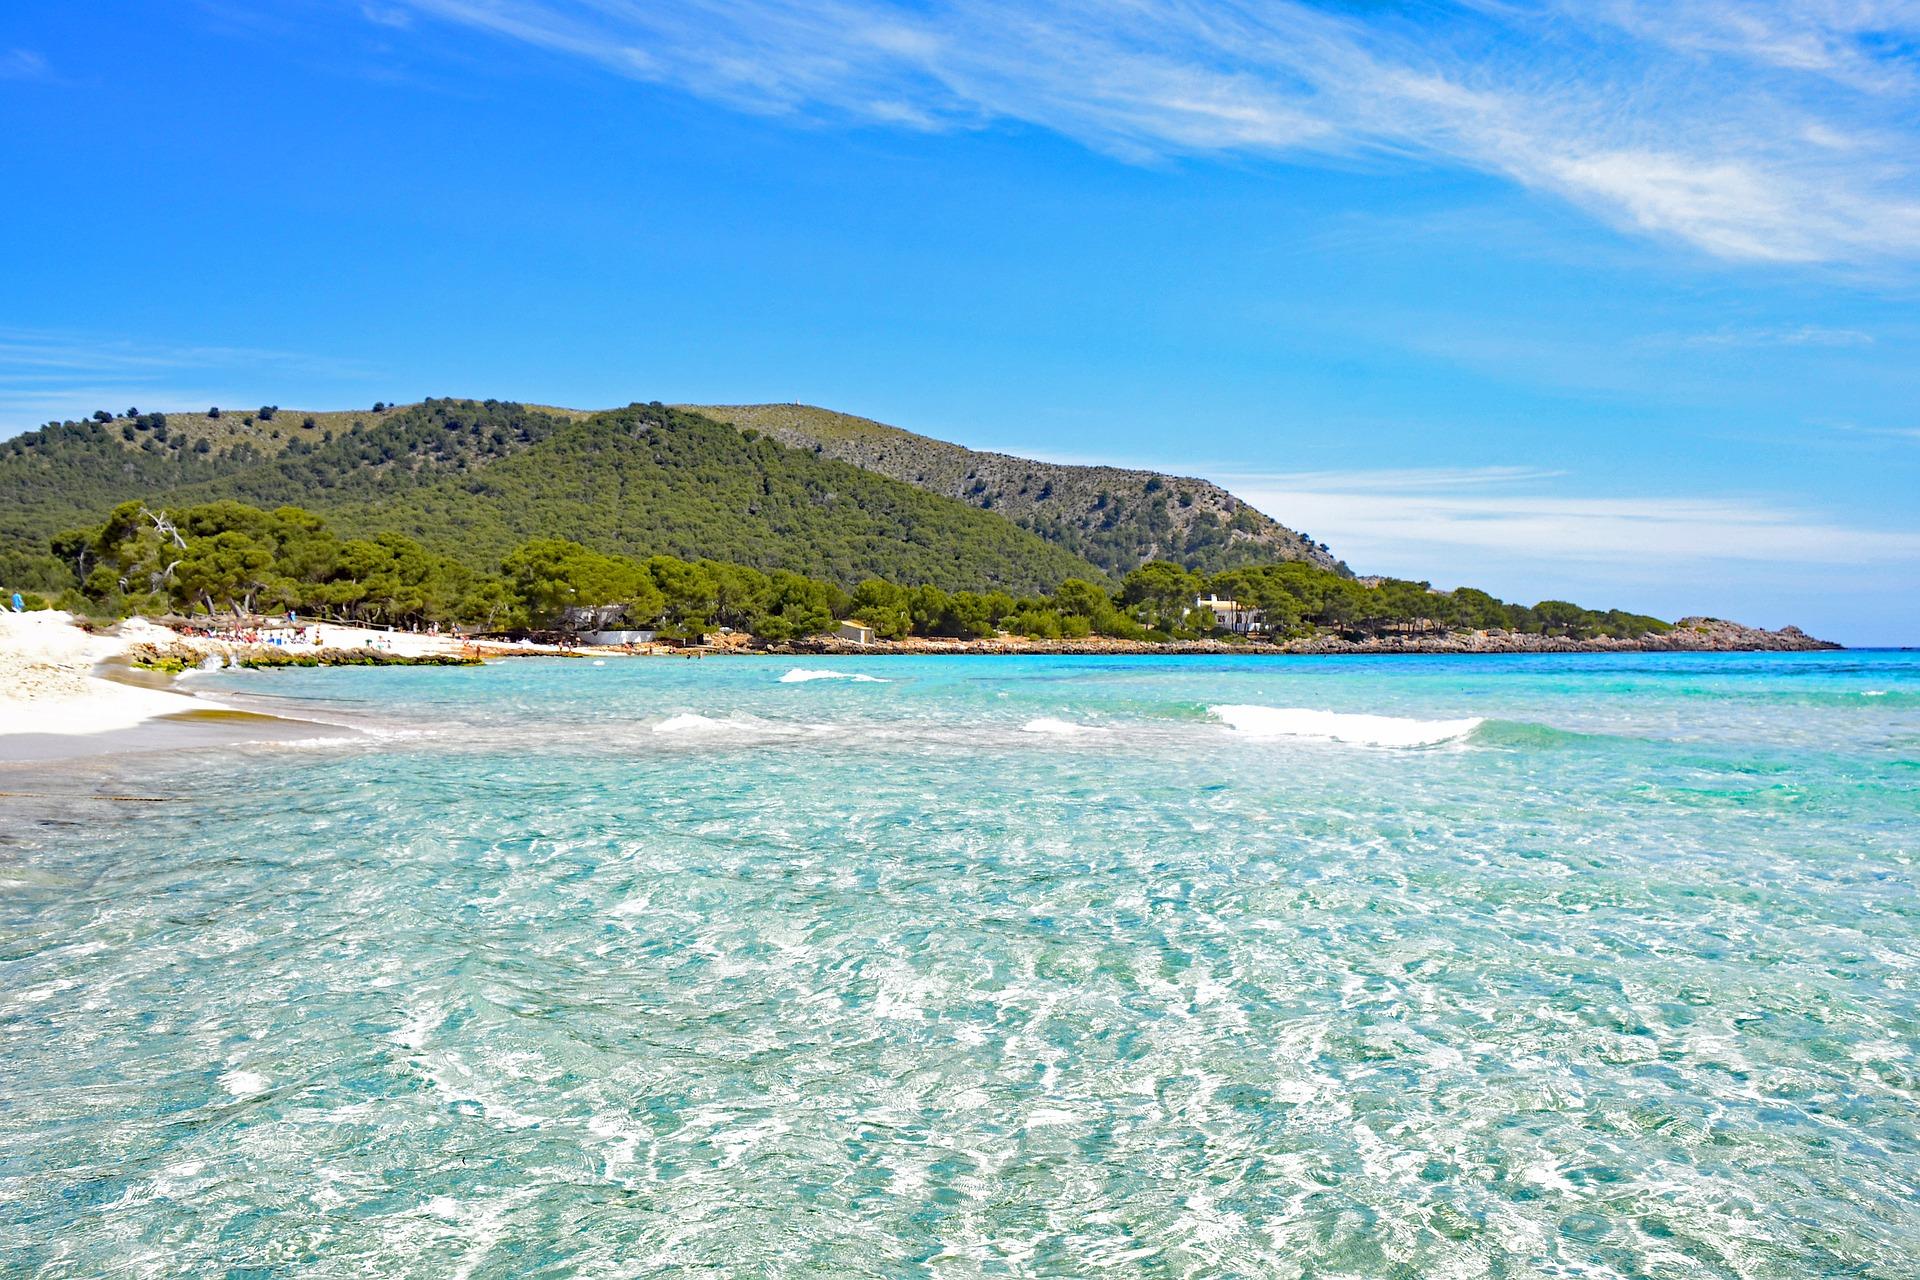 Cala Agulla wo planst du dein Wochenende nach Mallorca